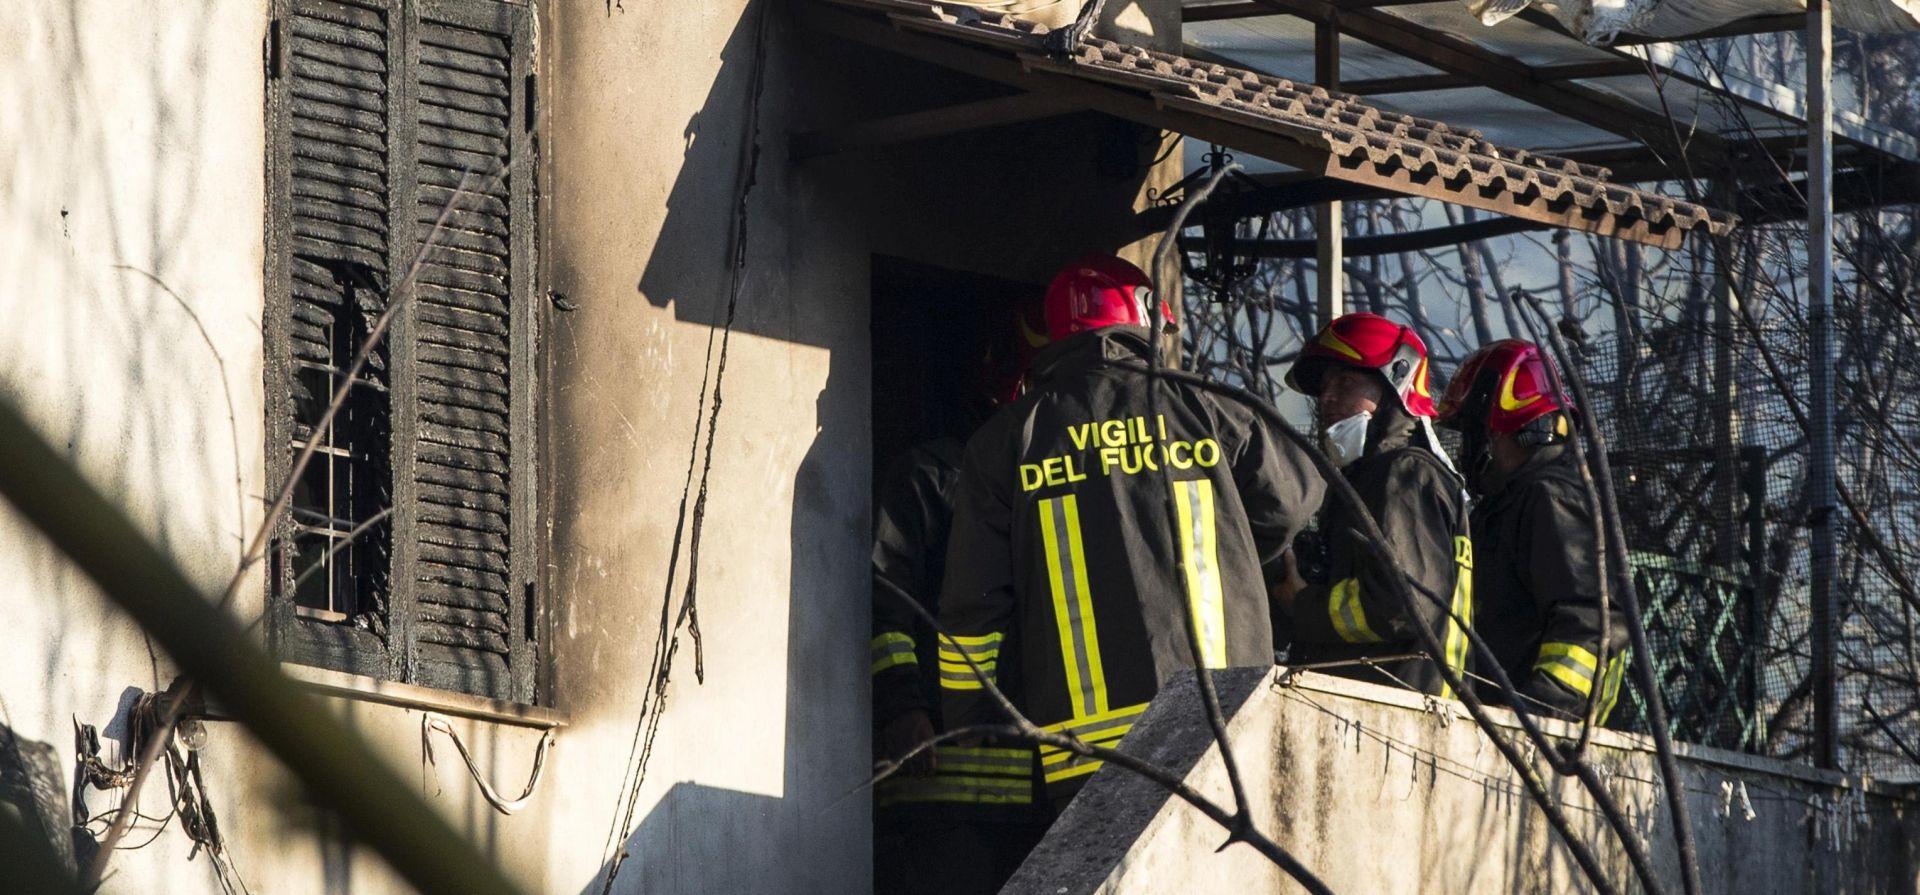 UŽAS U COSENZI Požar u Italiji ubio troje ljudi i uništio 500 godina stare rukopise